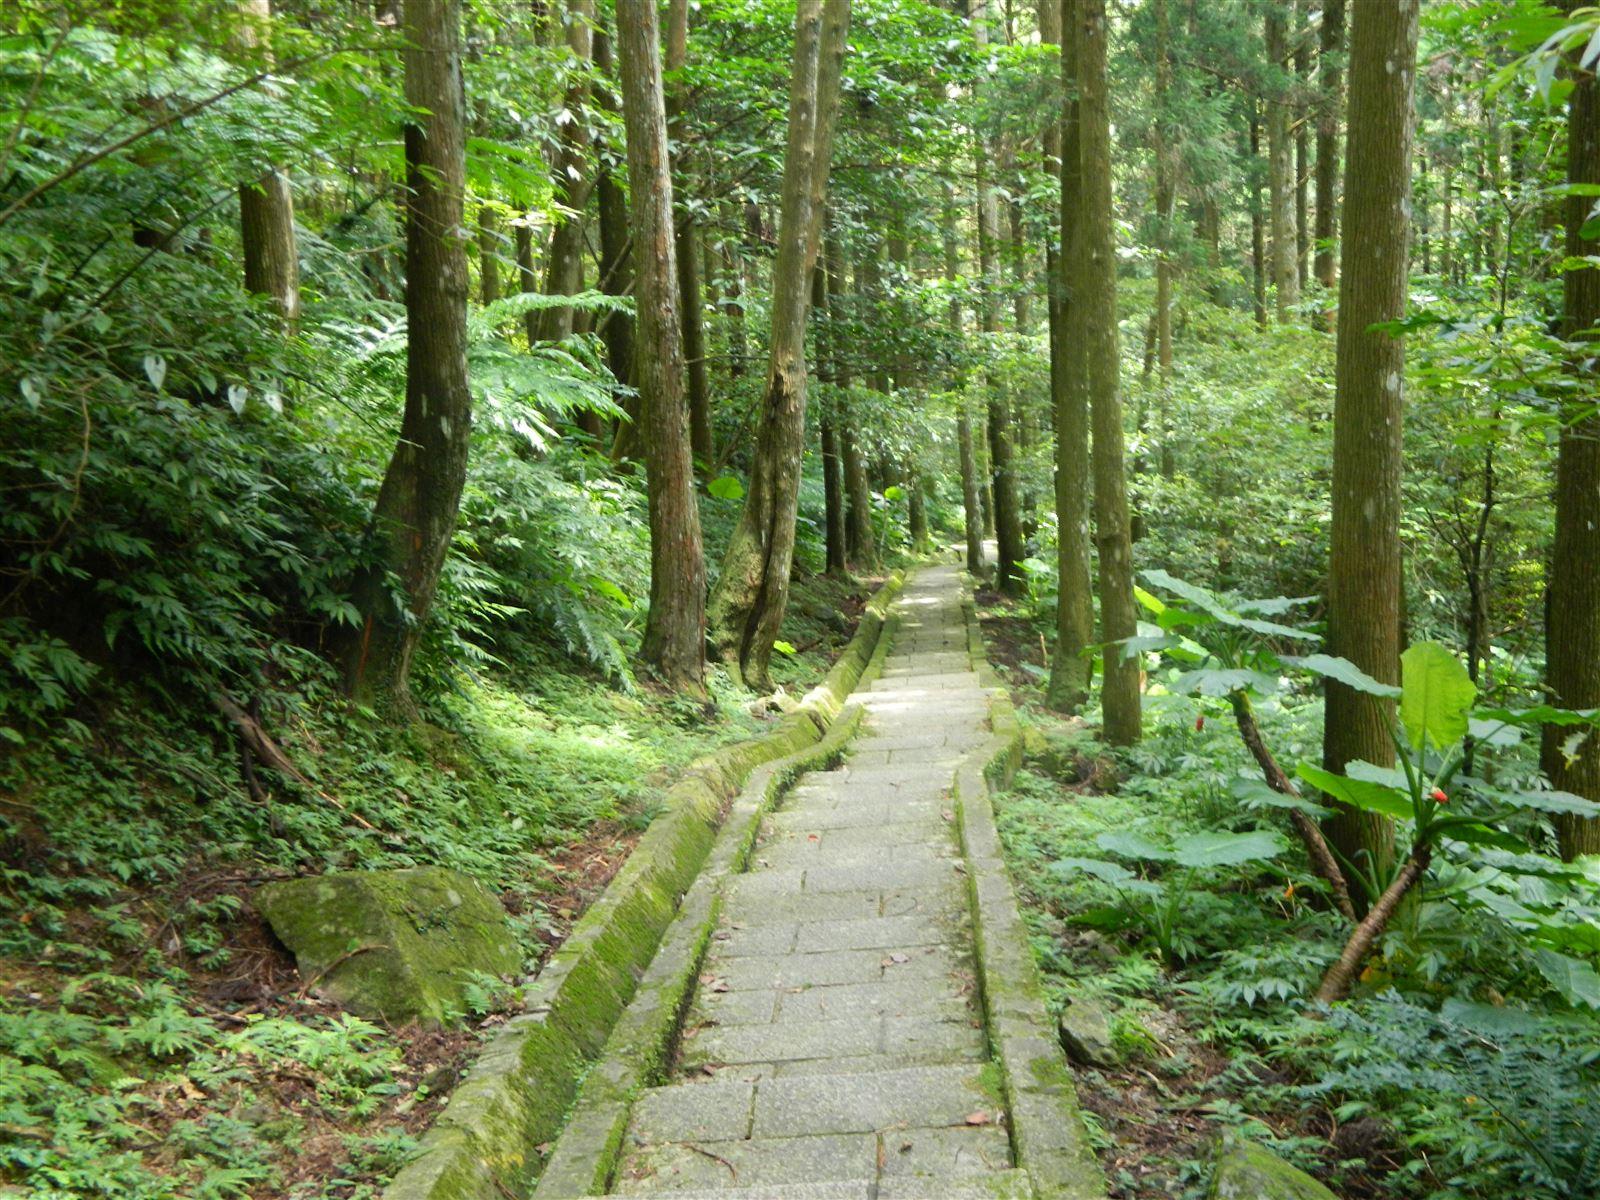 林務局發布「三級延長適度鬆綁,林務局配合開放部分森林育樂場域」